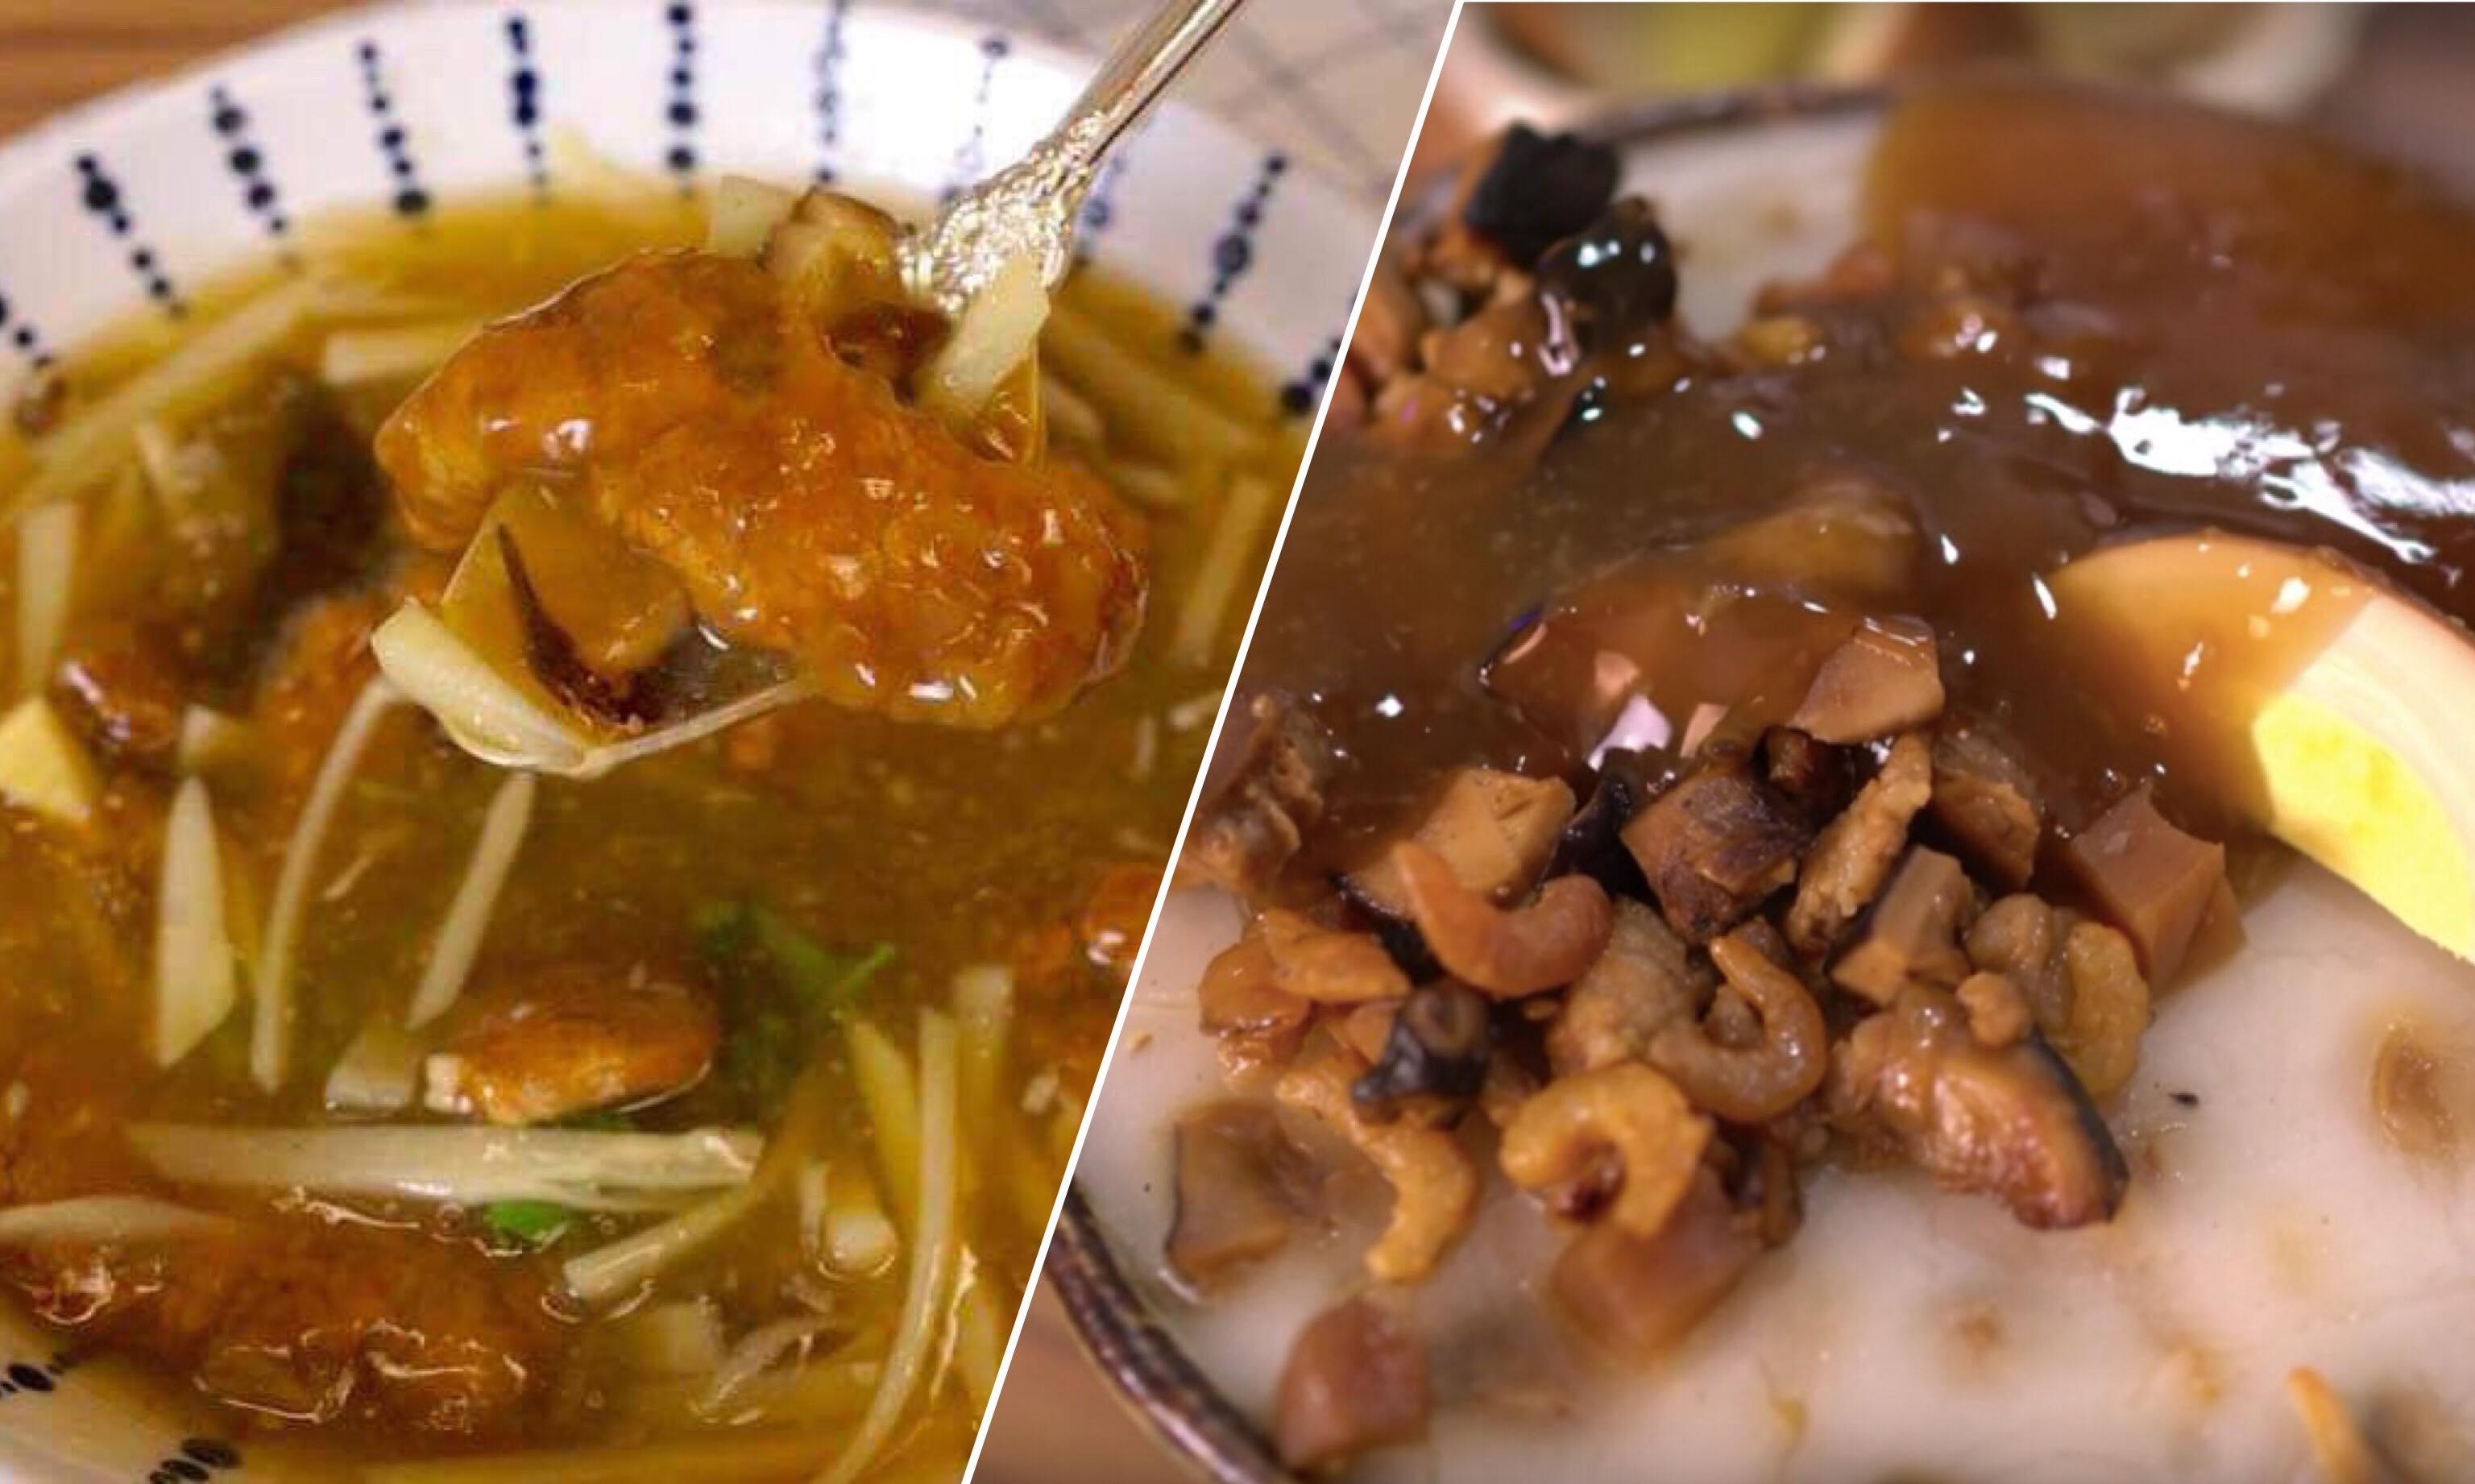 一生必學的料理! 4 道台式經典小吃在家輕鬆做,學會可以自己開店了!